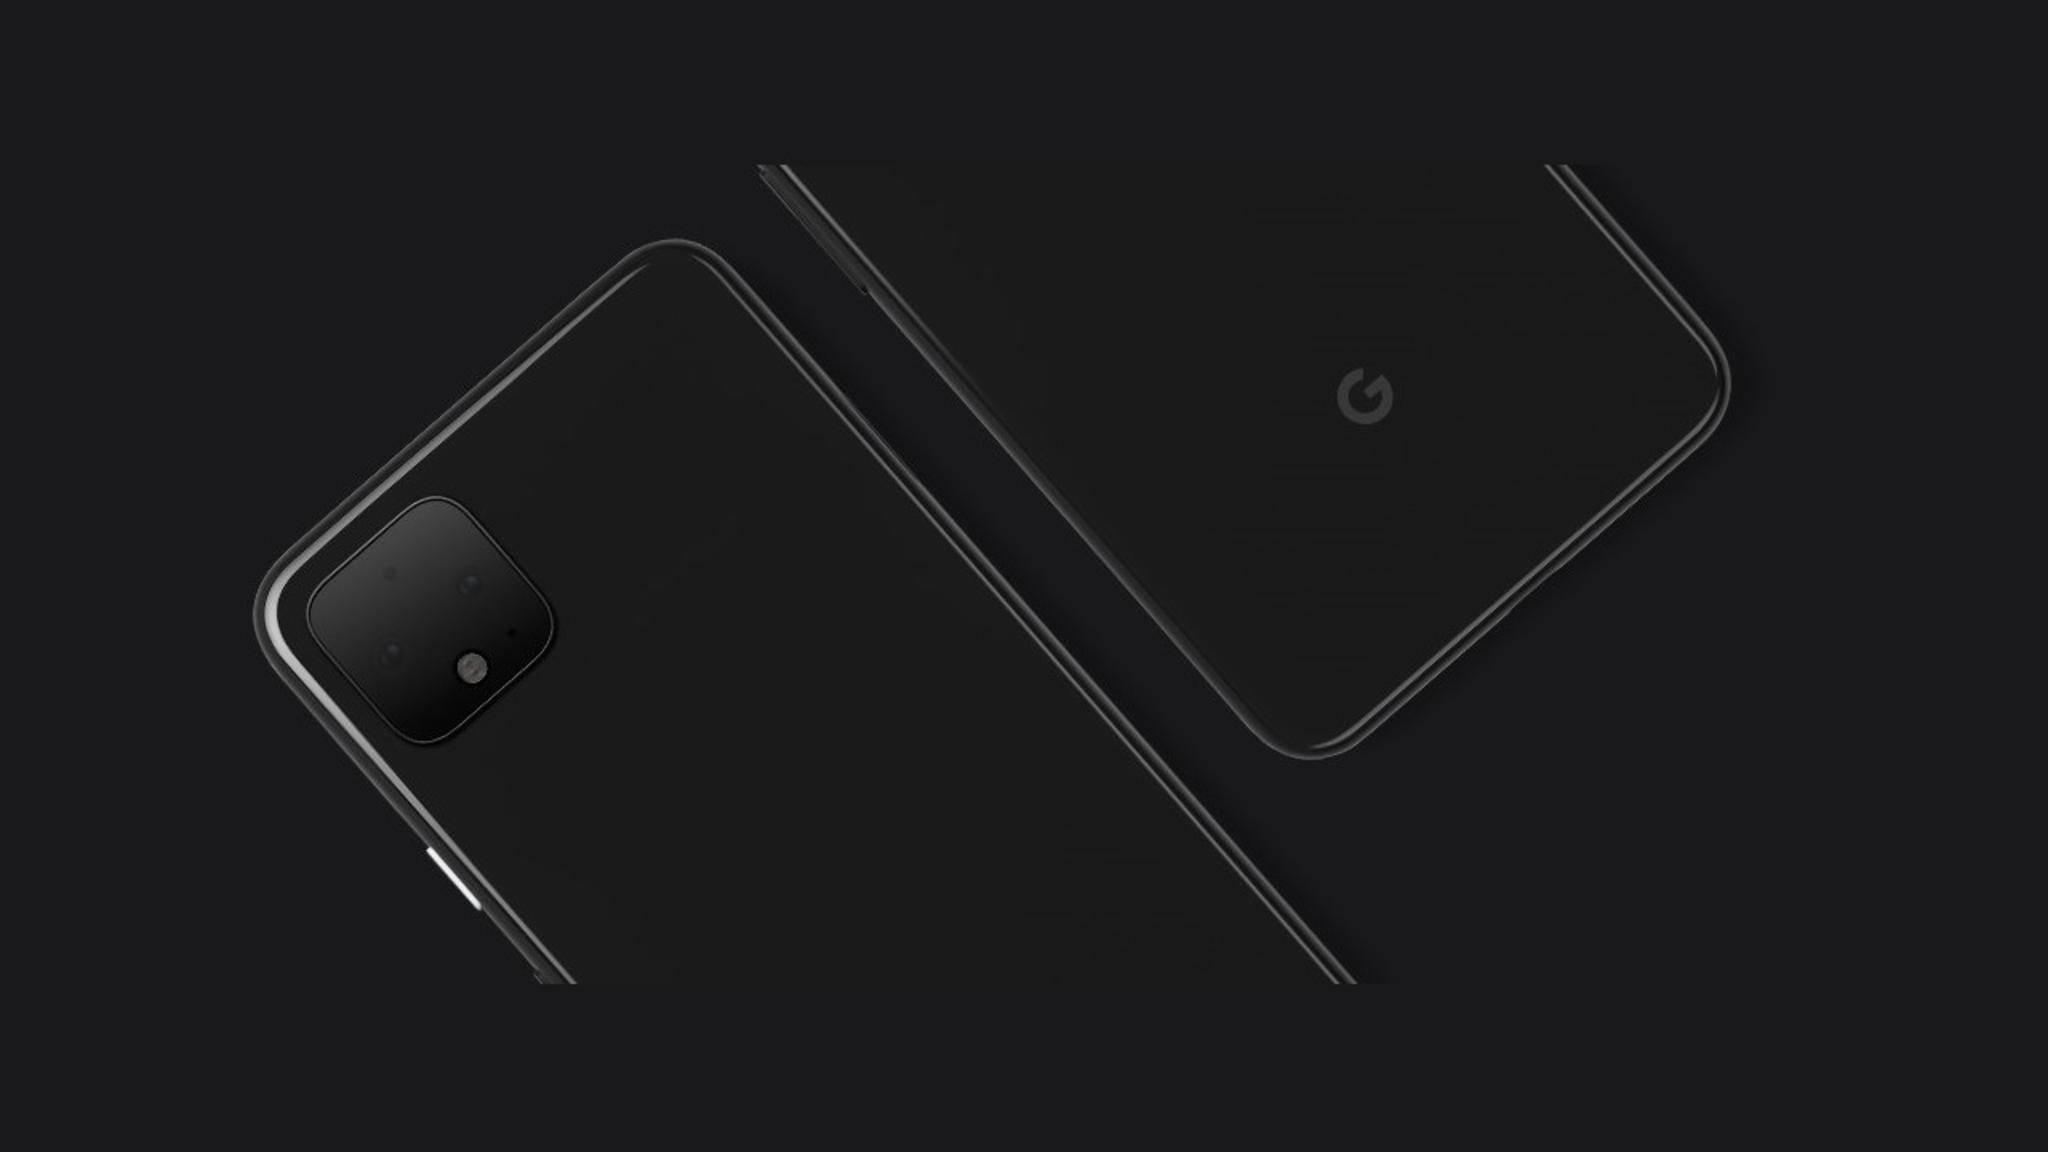 Auf Twitter hat Google überraschend eine erstes offizielles Bild vom Pixel 4 veröffentlicht.